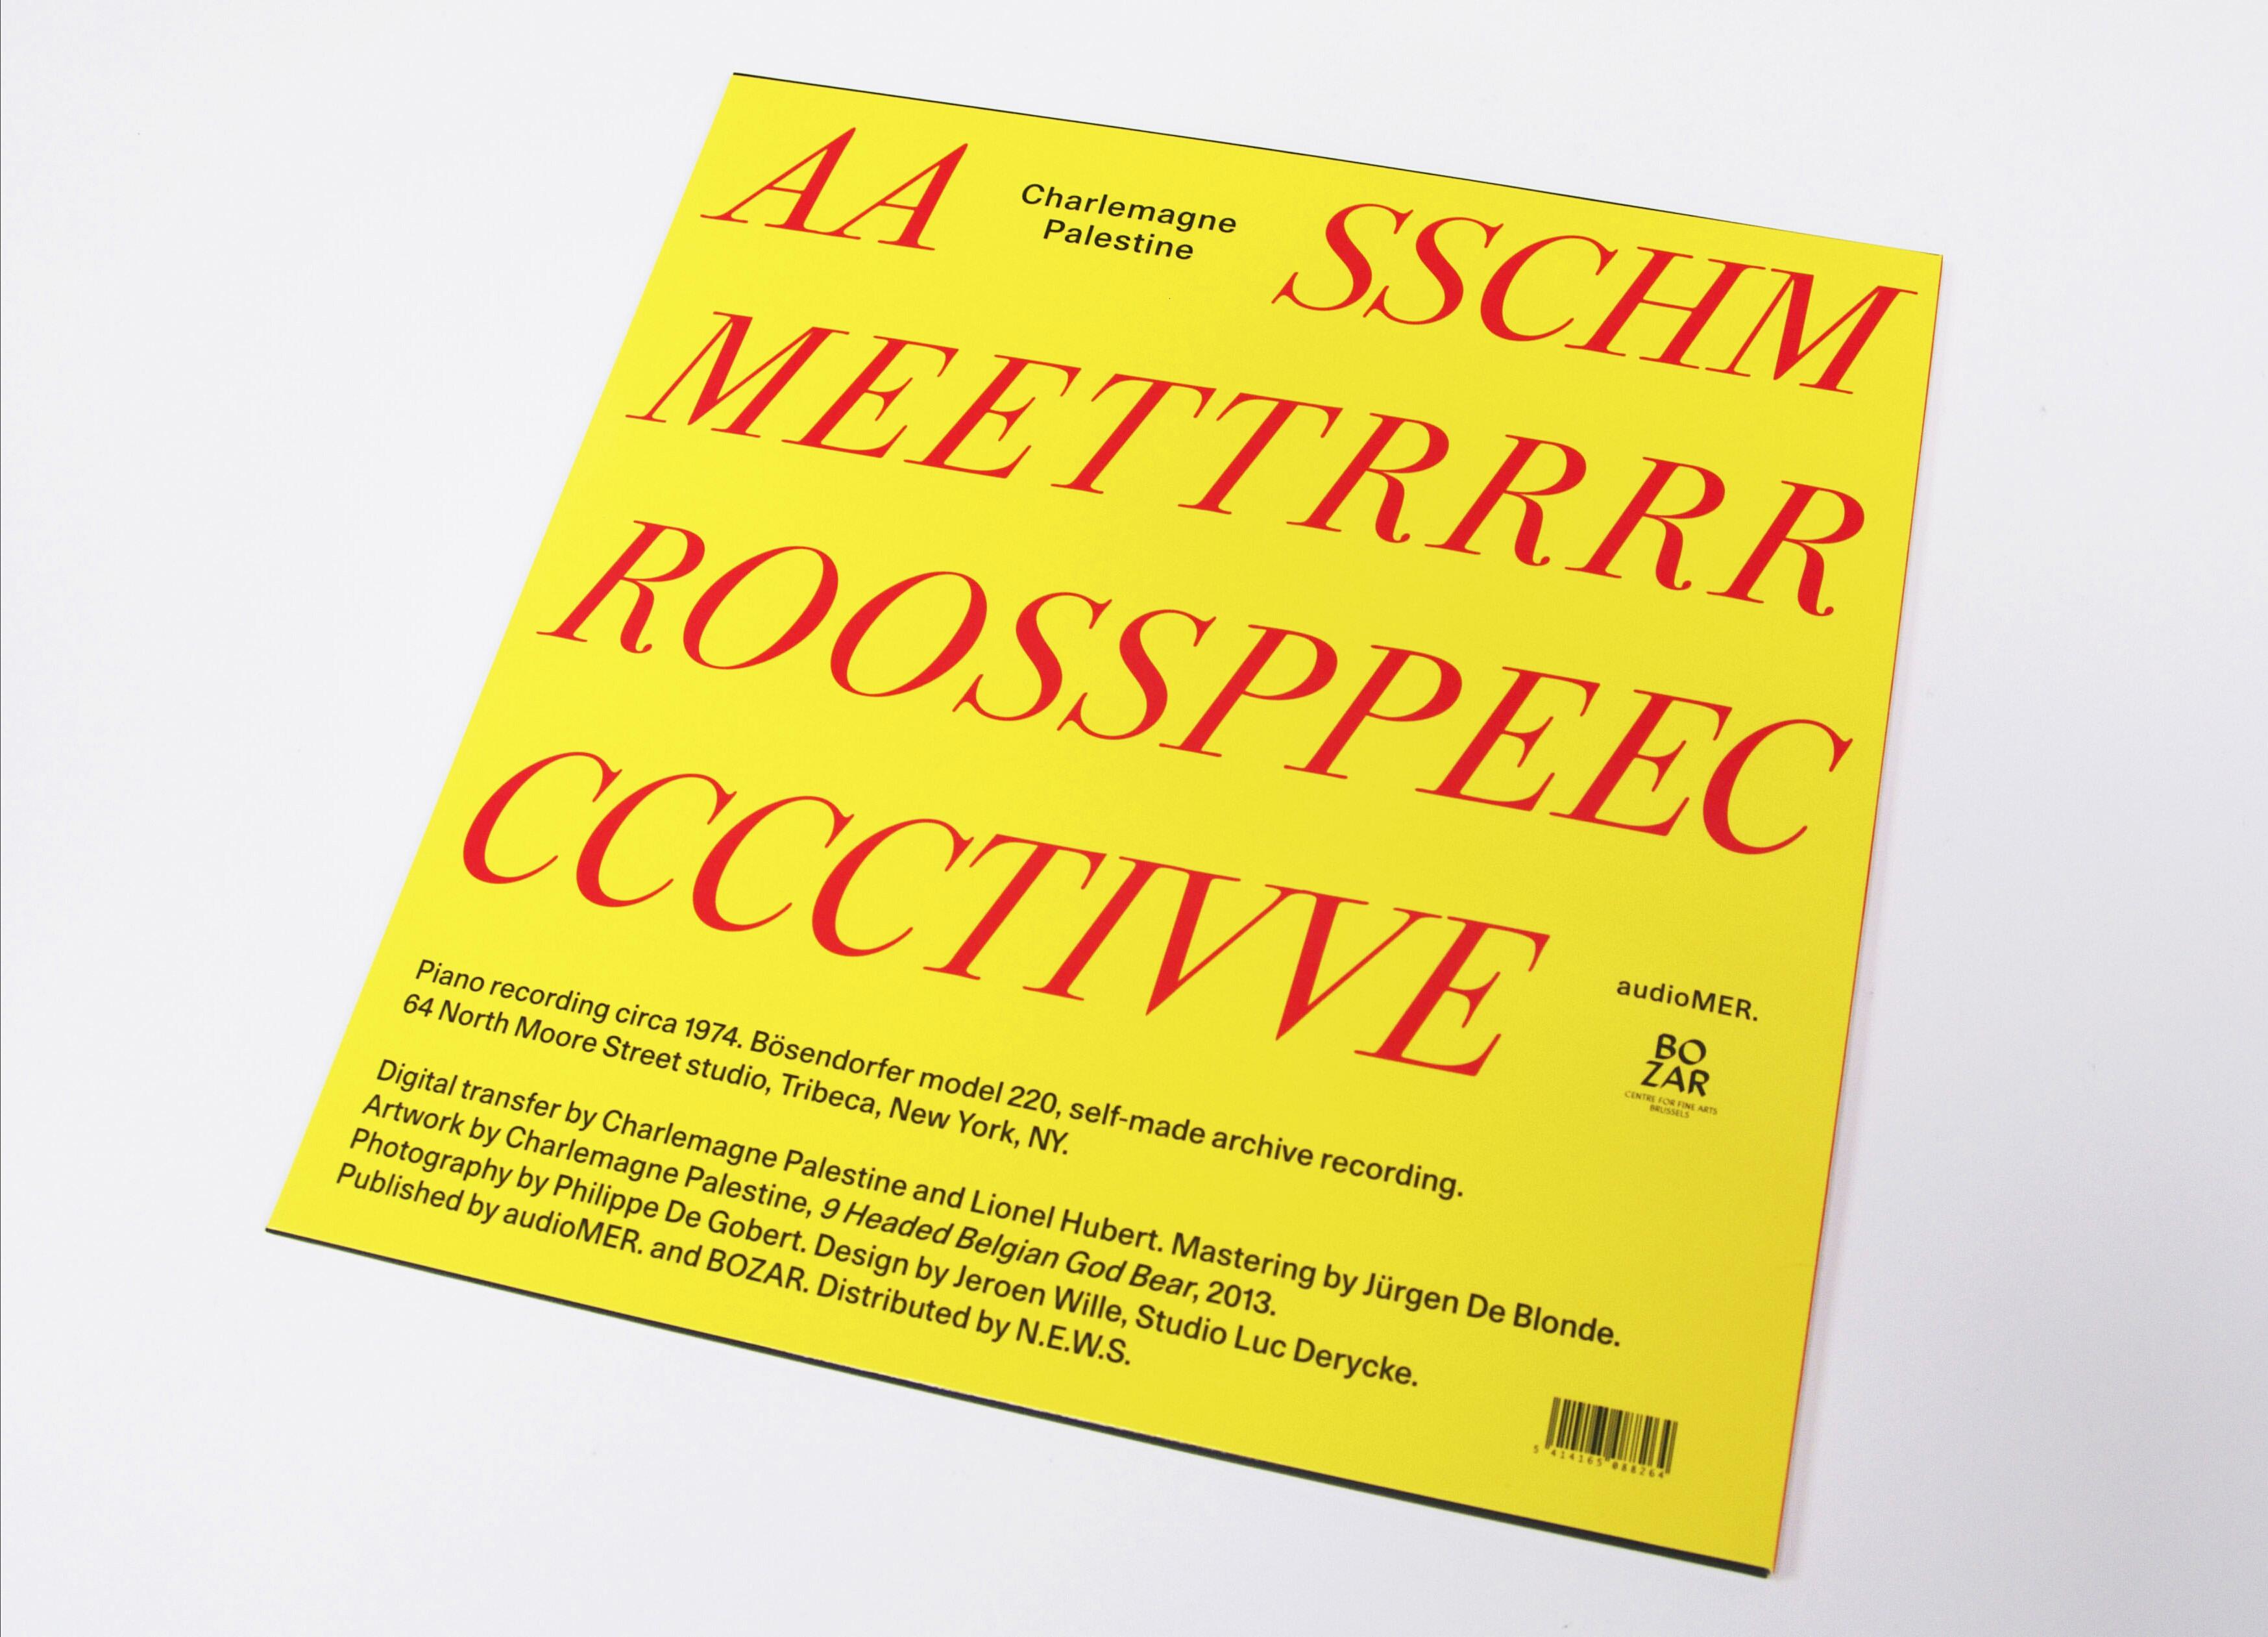 AA-SSCHMMETTRROOSSPPECCTIVVE